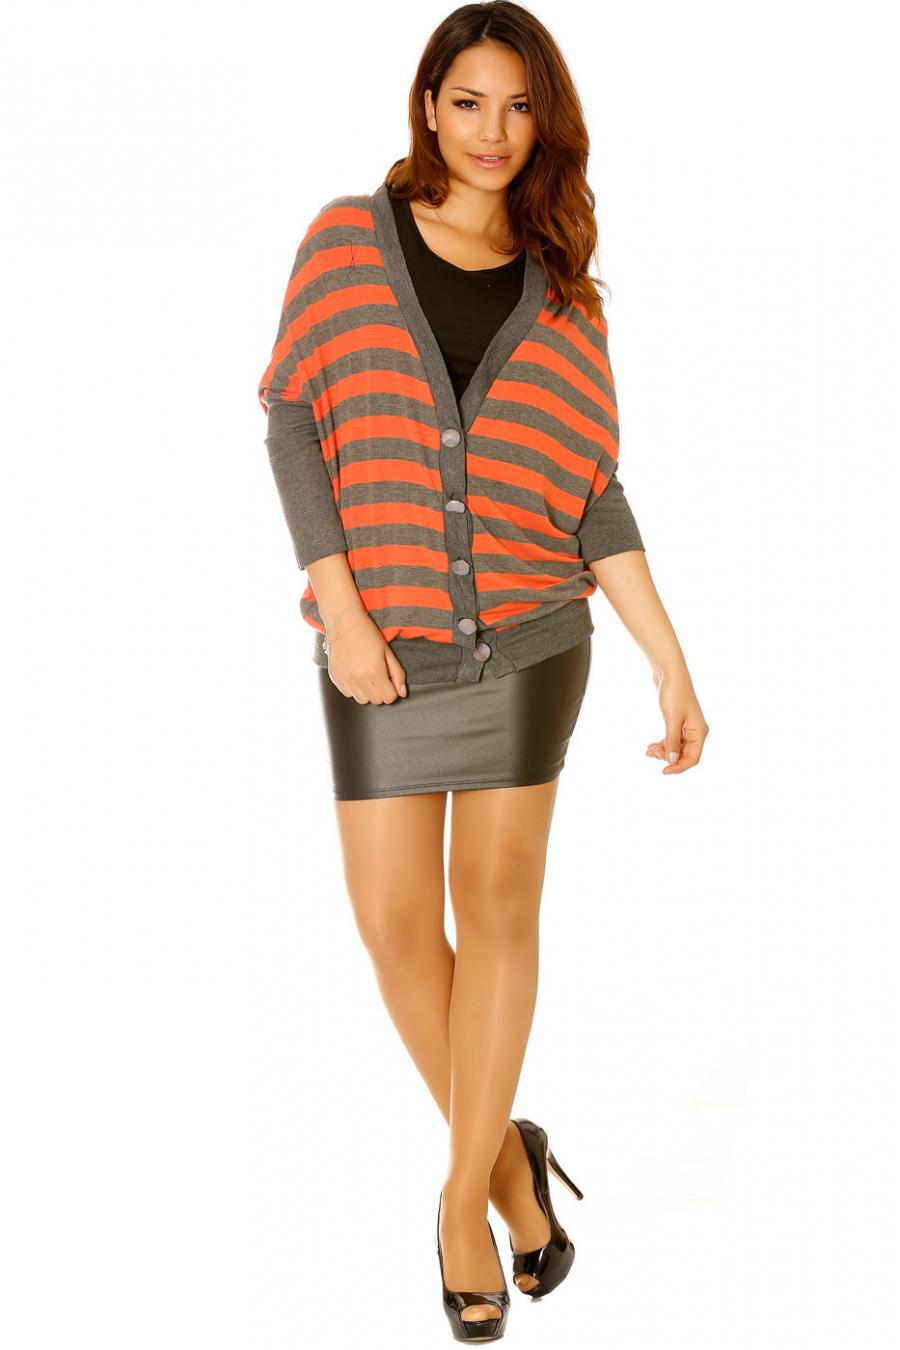 Magnifique gilet orange et gris très tendance. Mode femme pas cher l-881